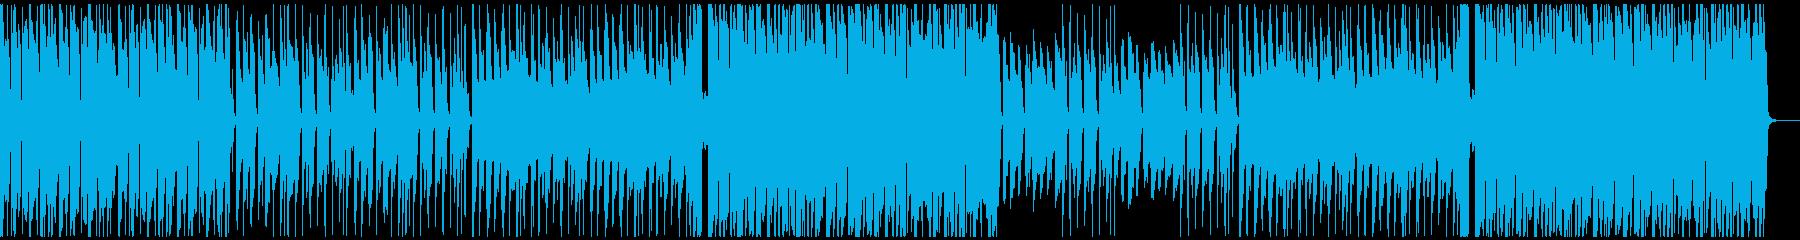 キラキラのポップスの再生済みの波形